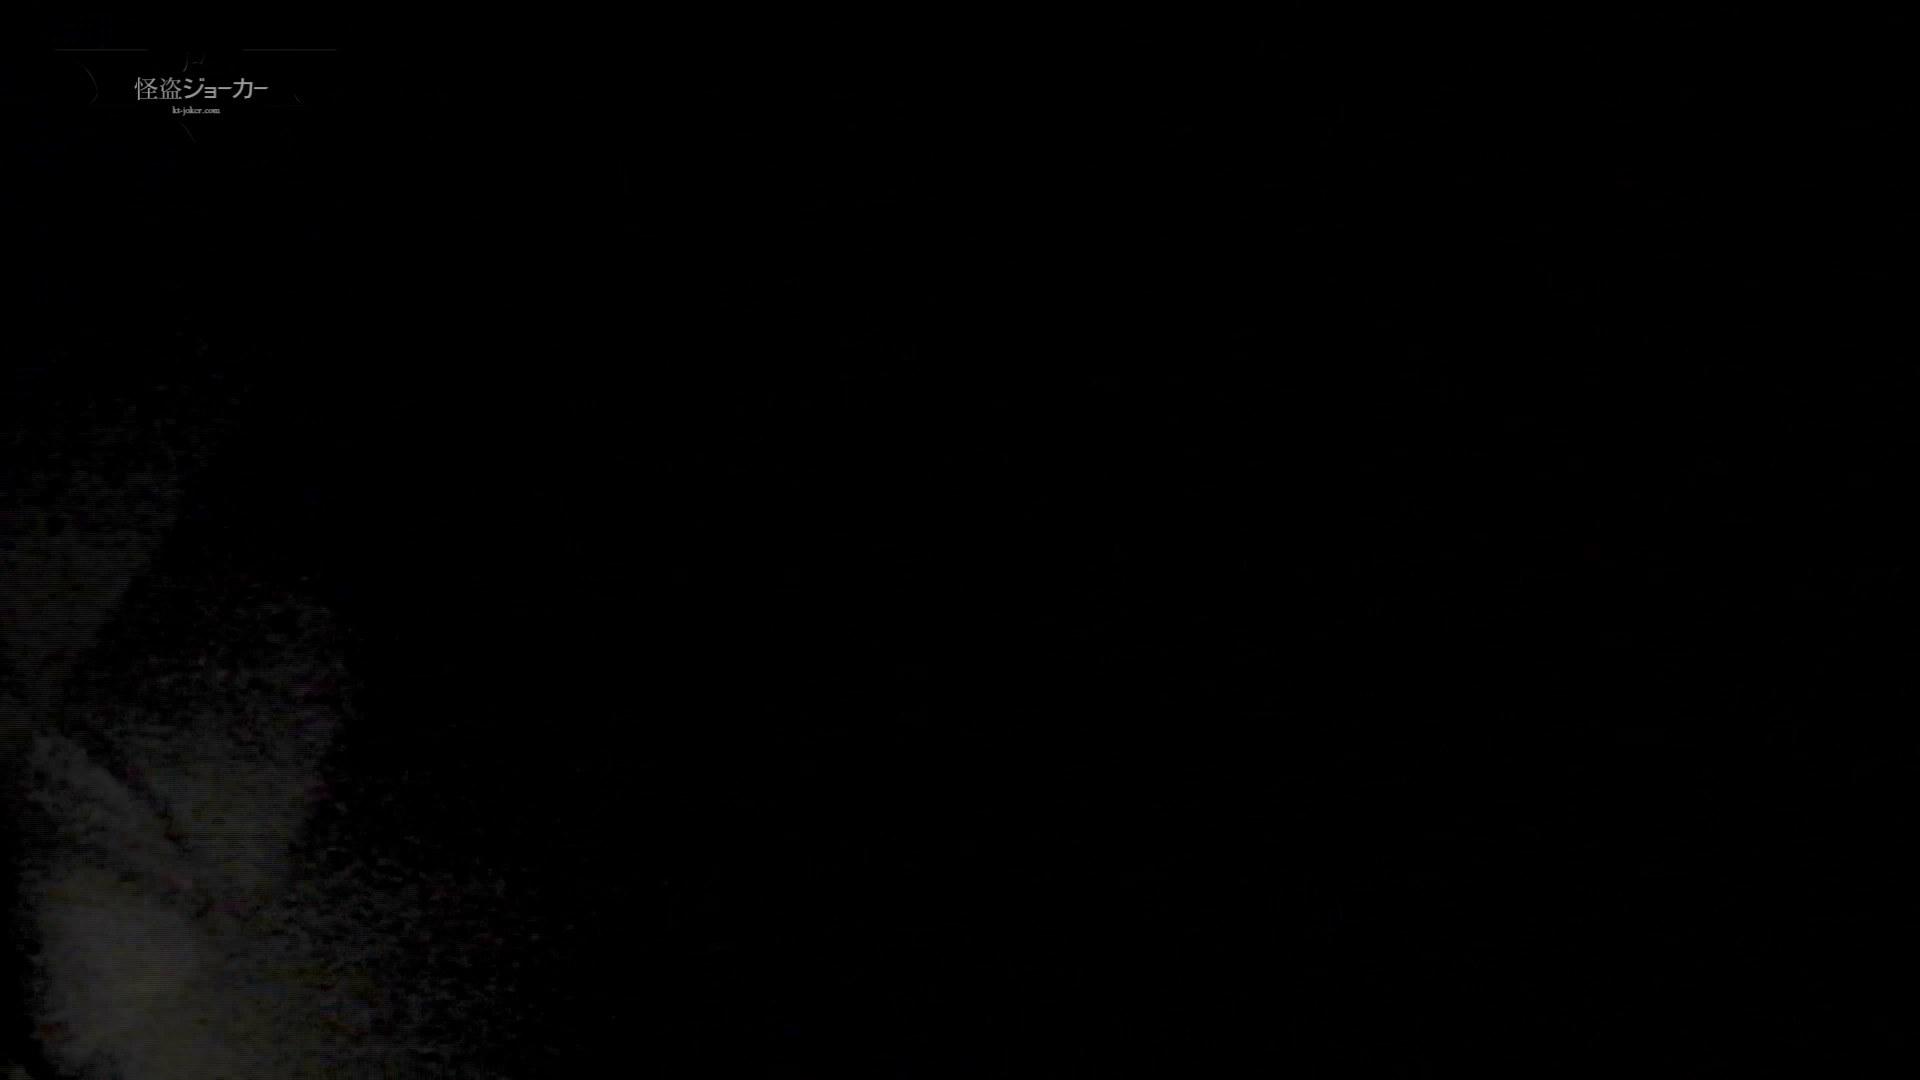 ステーション編 vol53 ゆきりん一押し、予告に出ているモデル大量登場 洗面所 オマンコ無修正動画無料 79画像 71